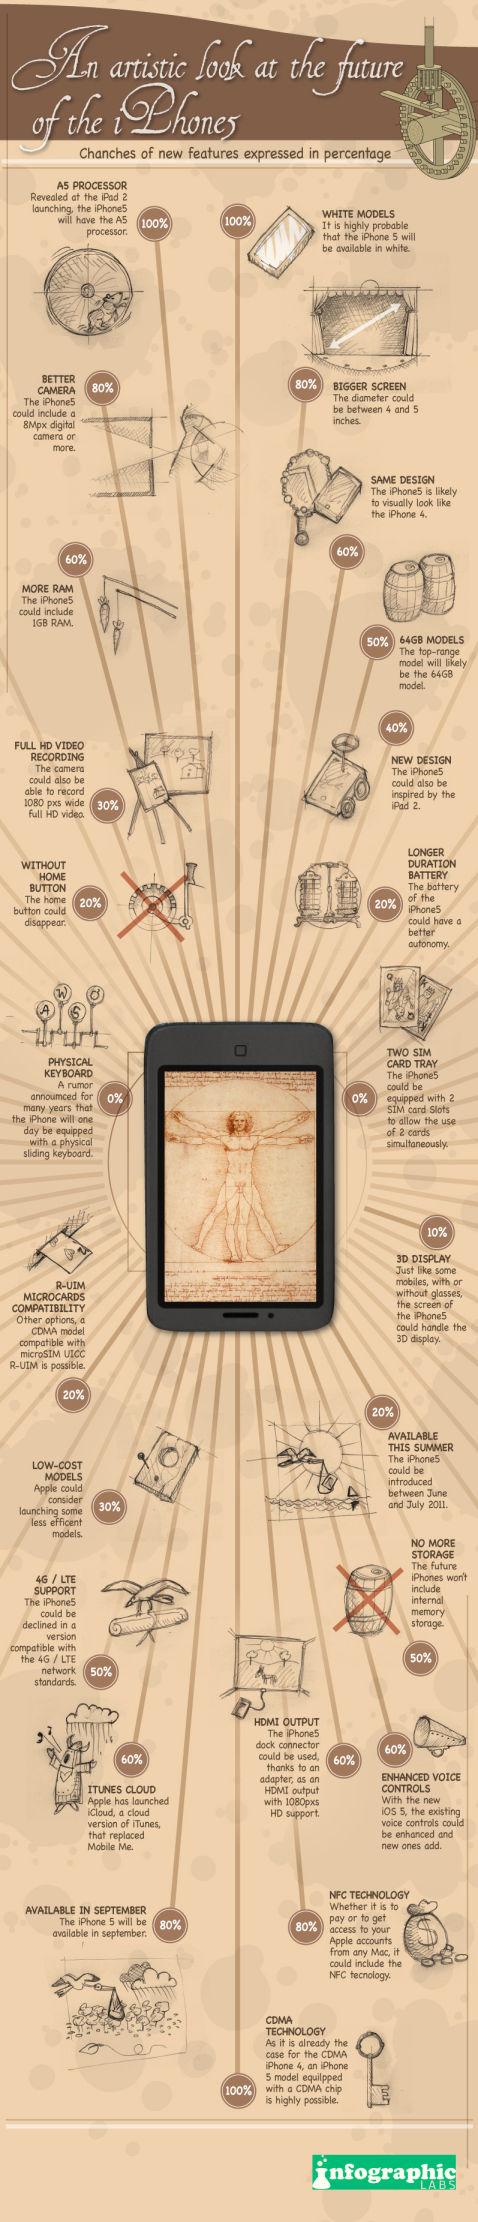 Infographie iPhone 5 Une infographie très complète sur les rumeurs de liPhone 5